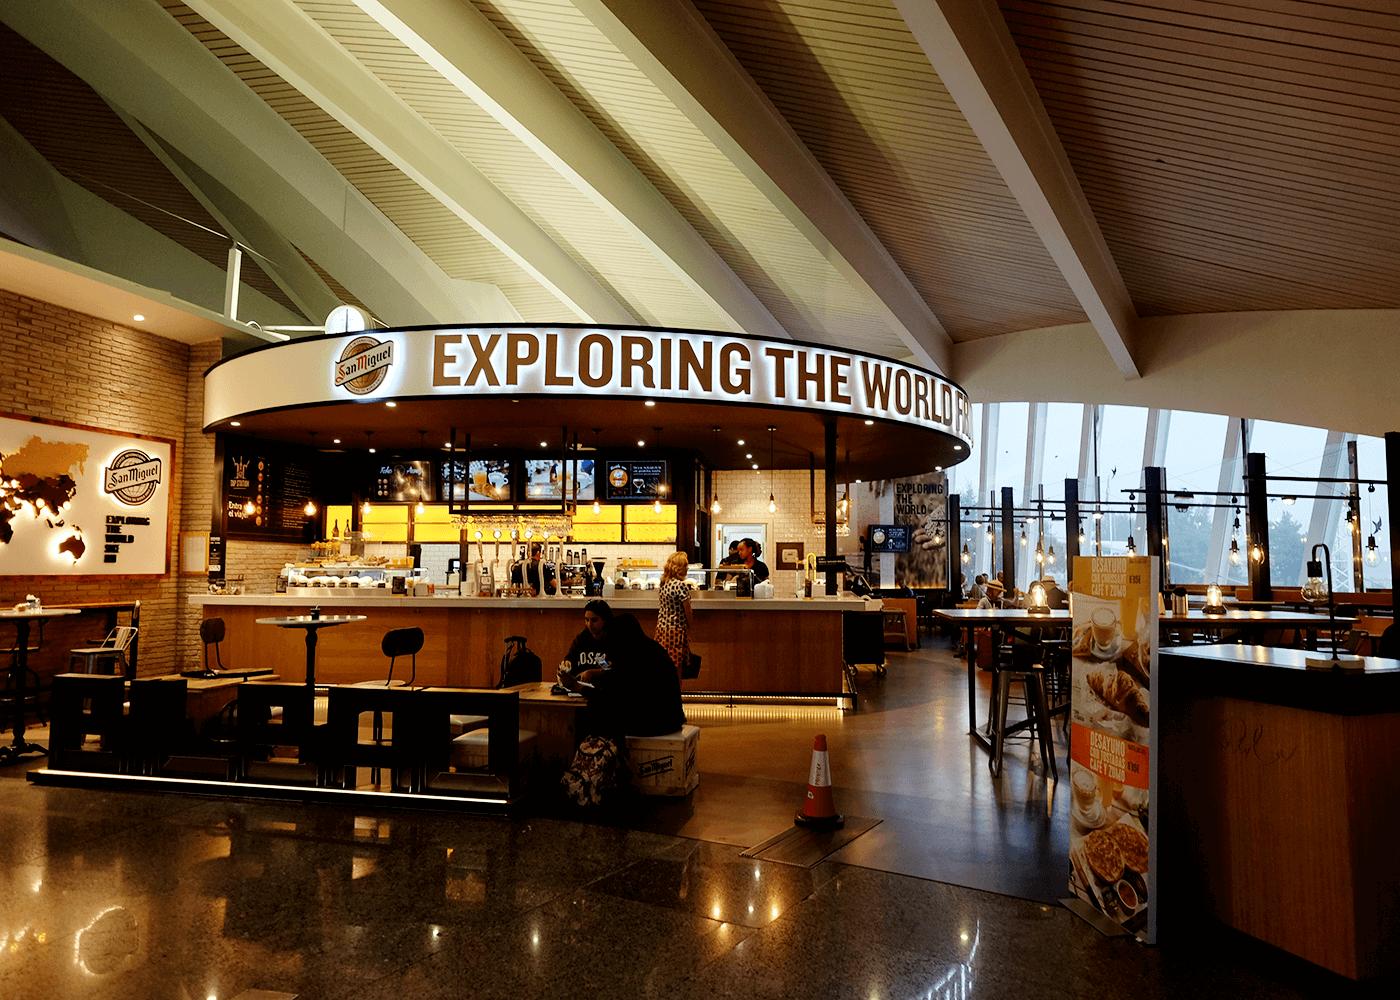 Exploring the World from Bilbao(エクスプローリングザワールド フロム ビルバオ)